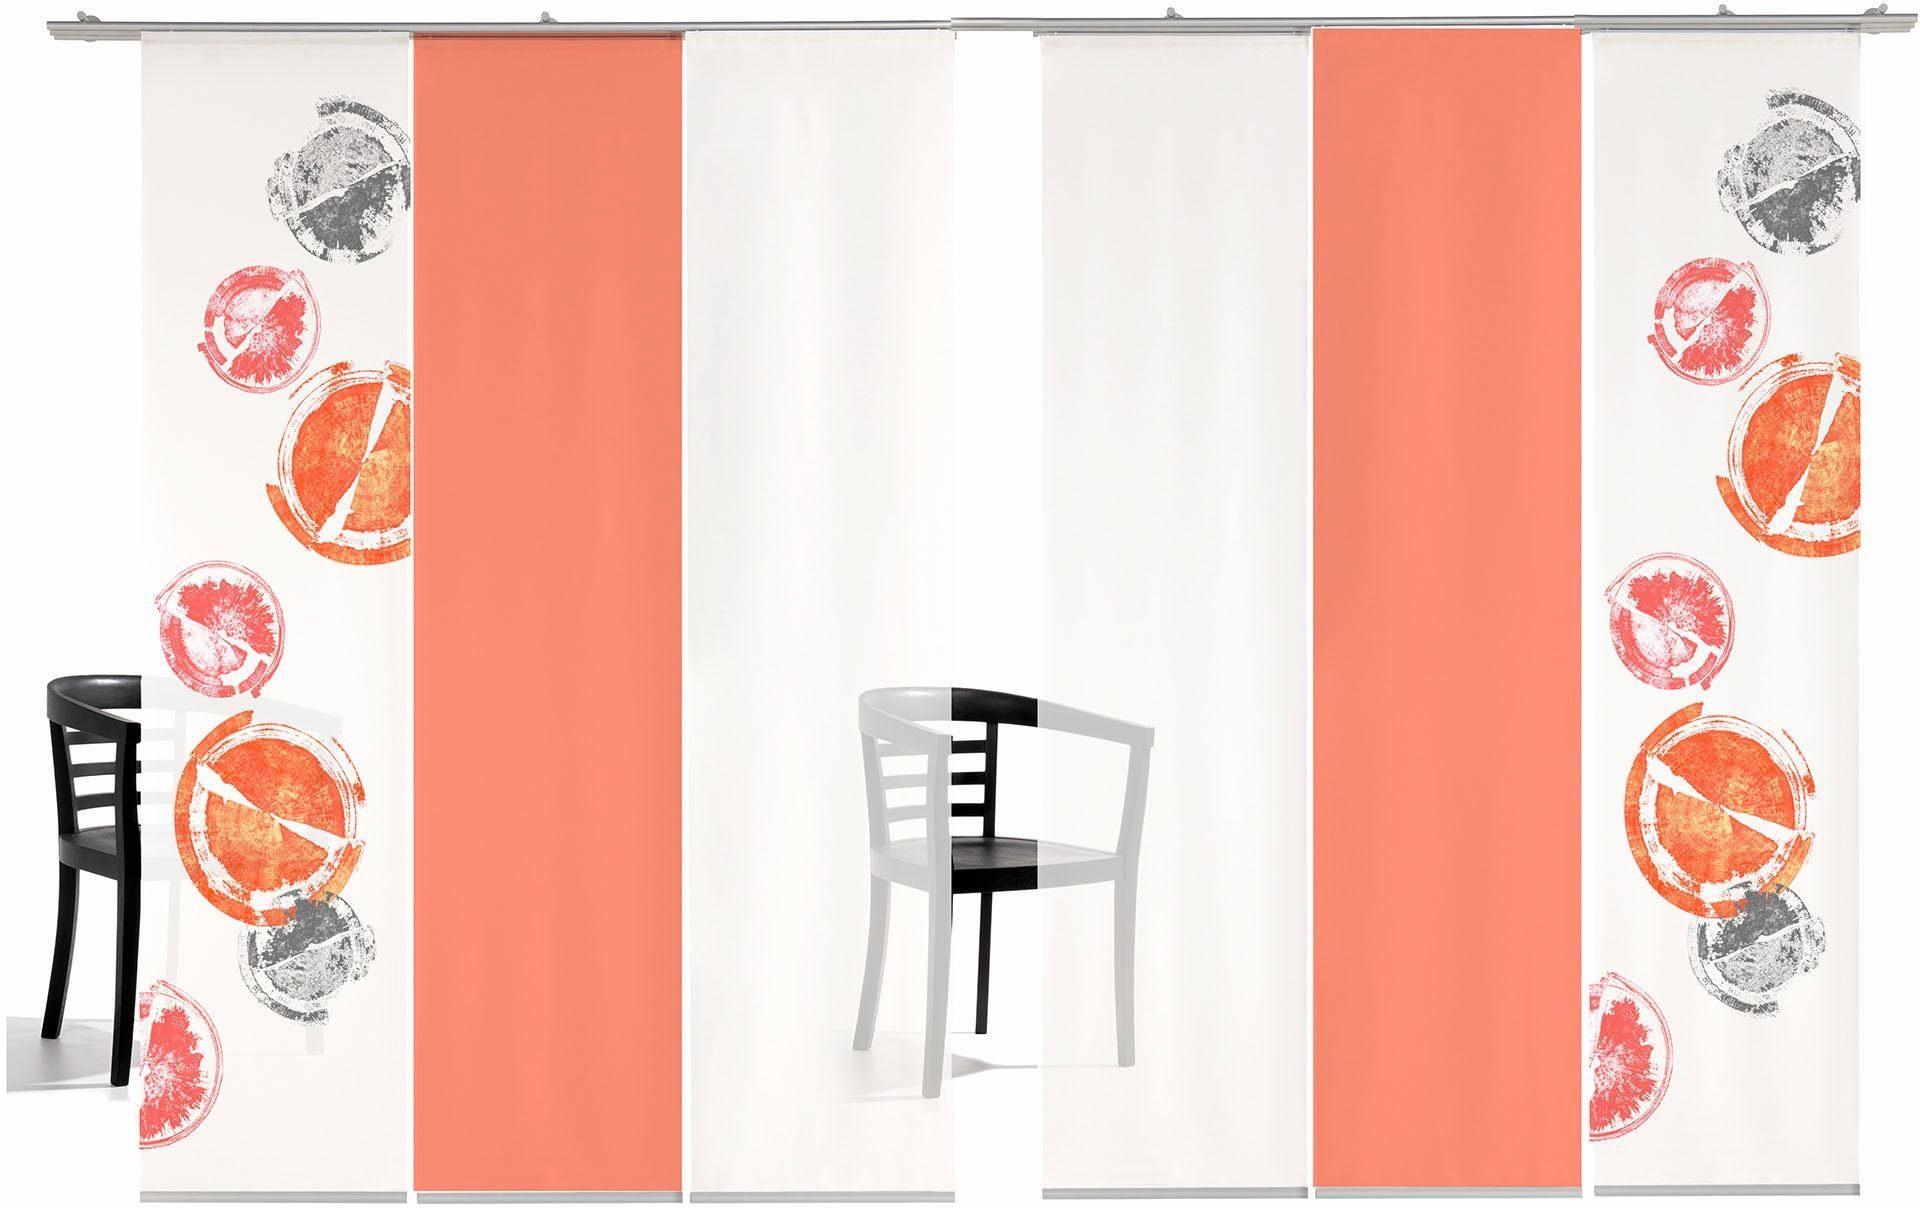 Schiebegardine »Rondo farbig«, emotion textiles, Klettband (6 Stück), inkl. Befestigungszubehör